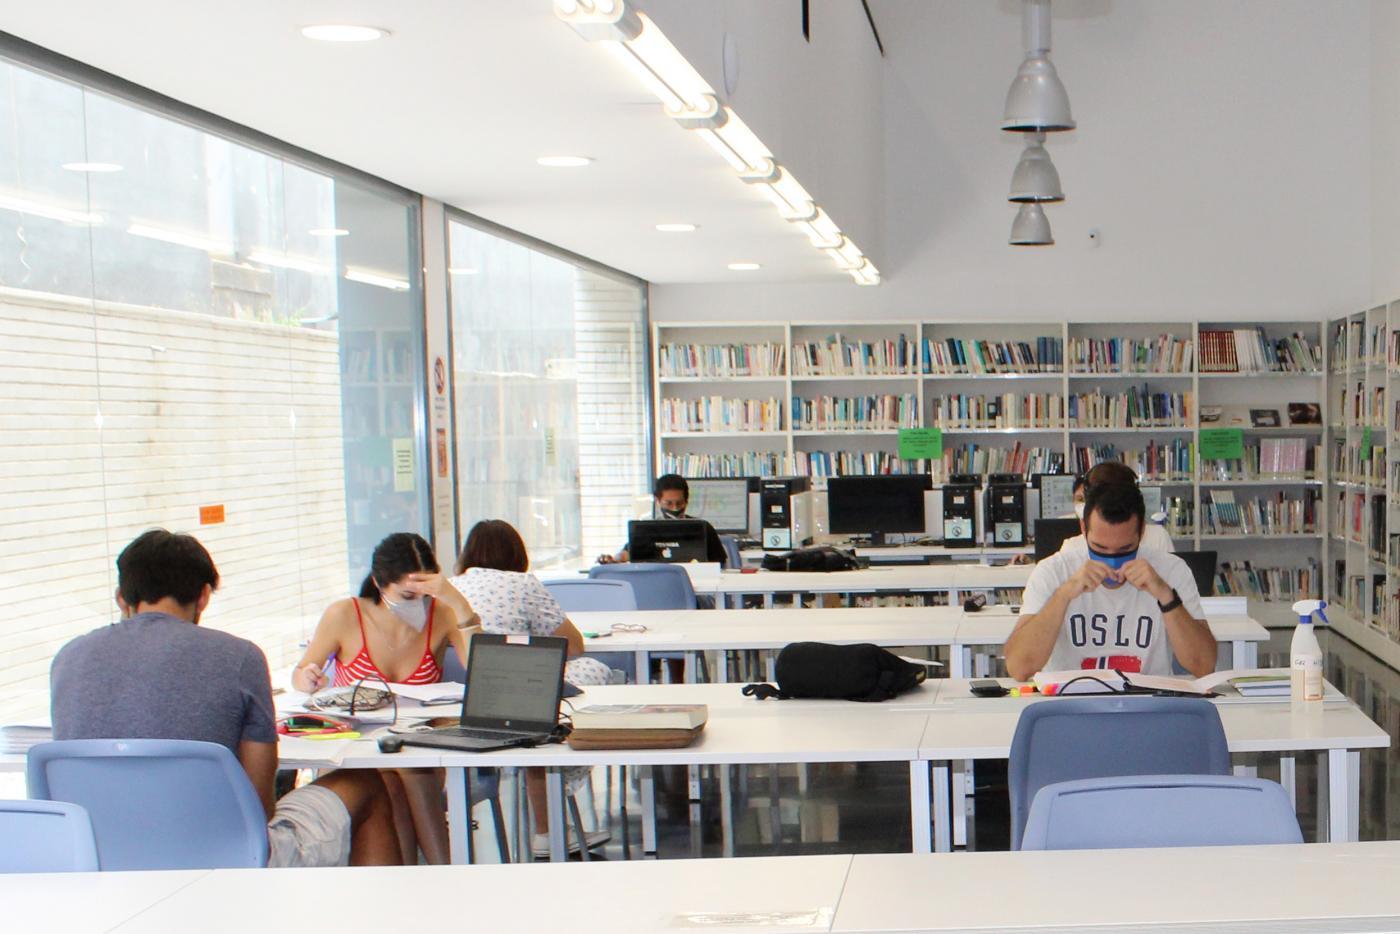 Biblioteca de Las Lagunas.